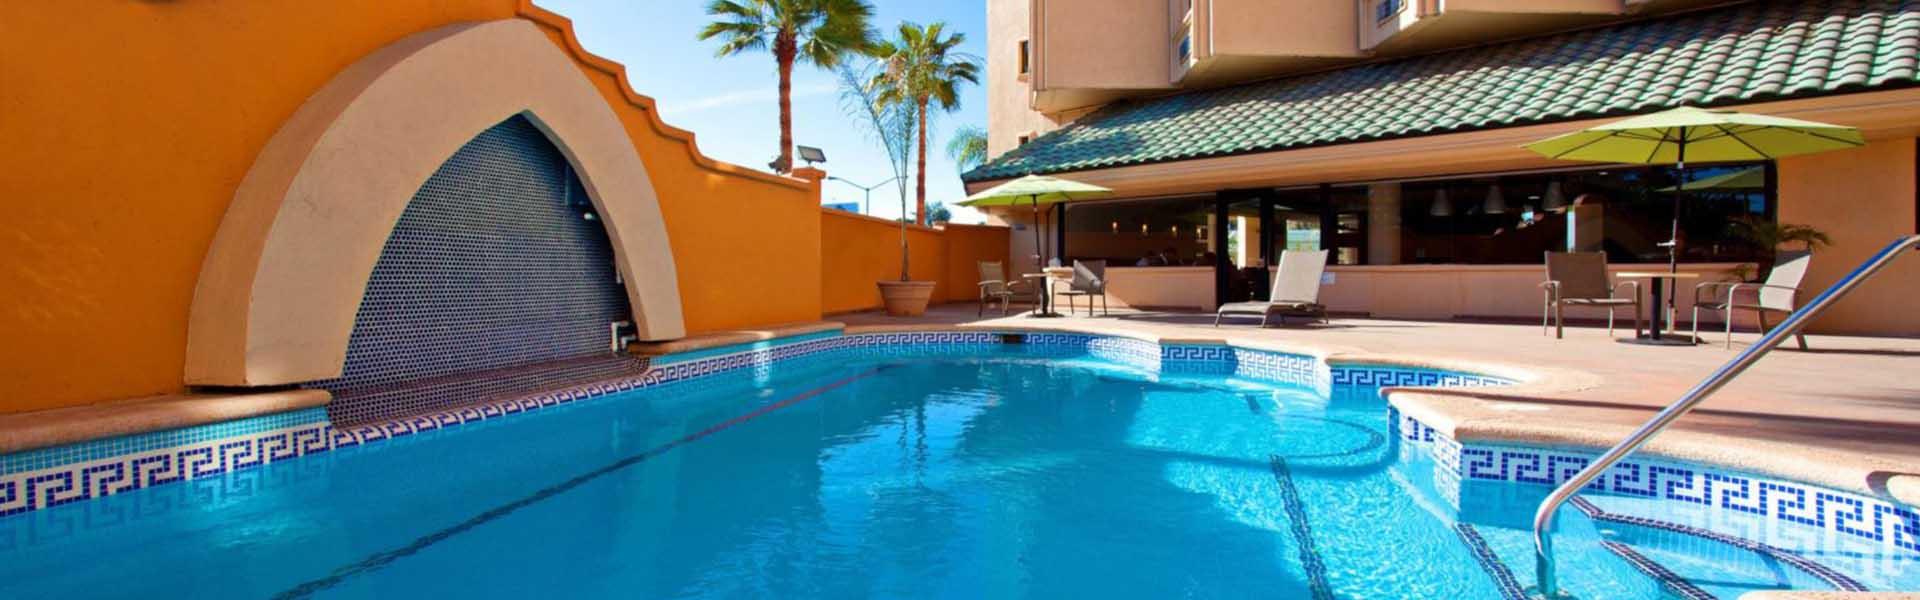 hotel-holiday-inn-tijuana